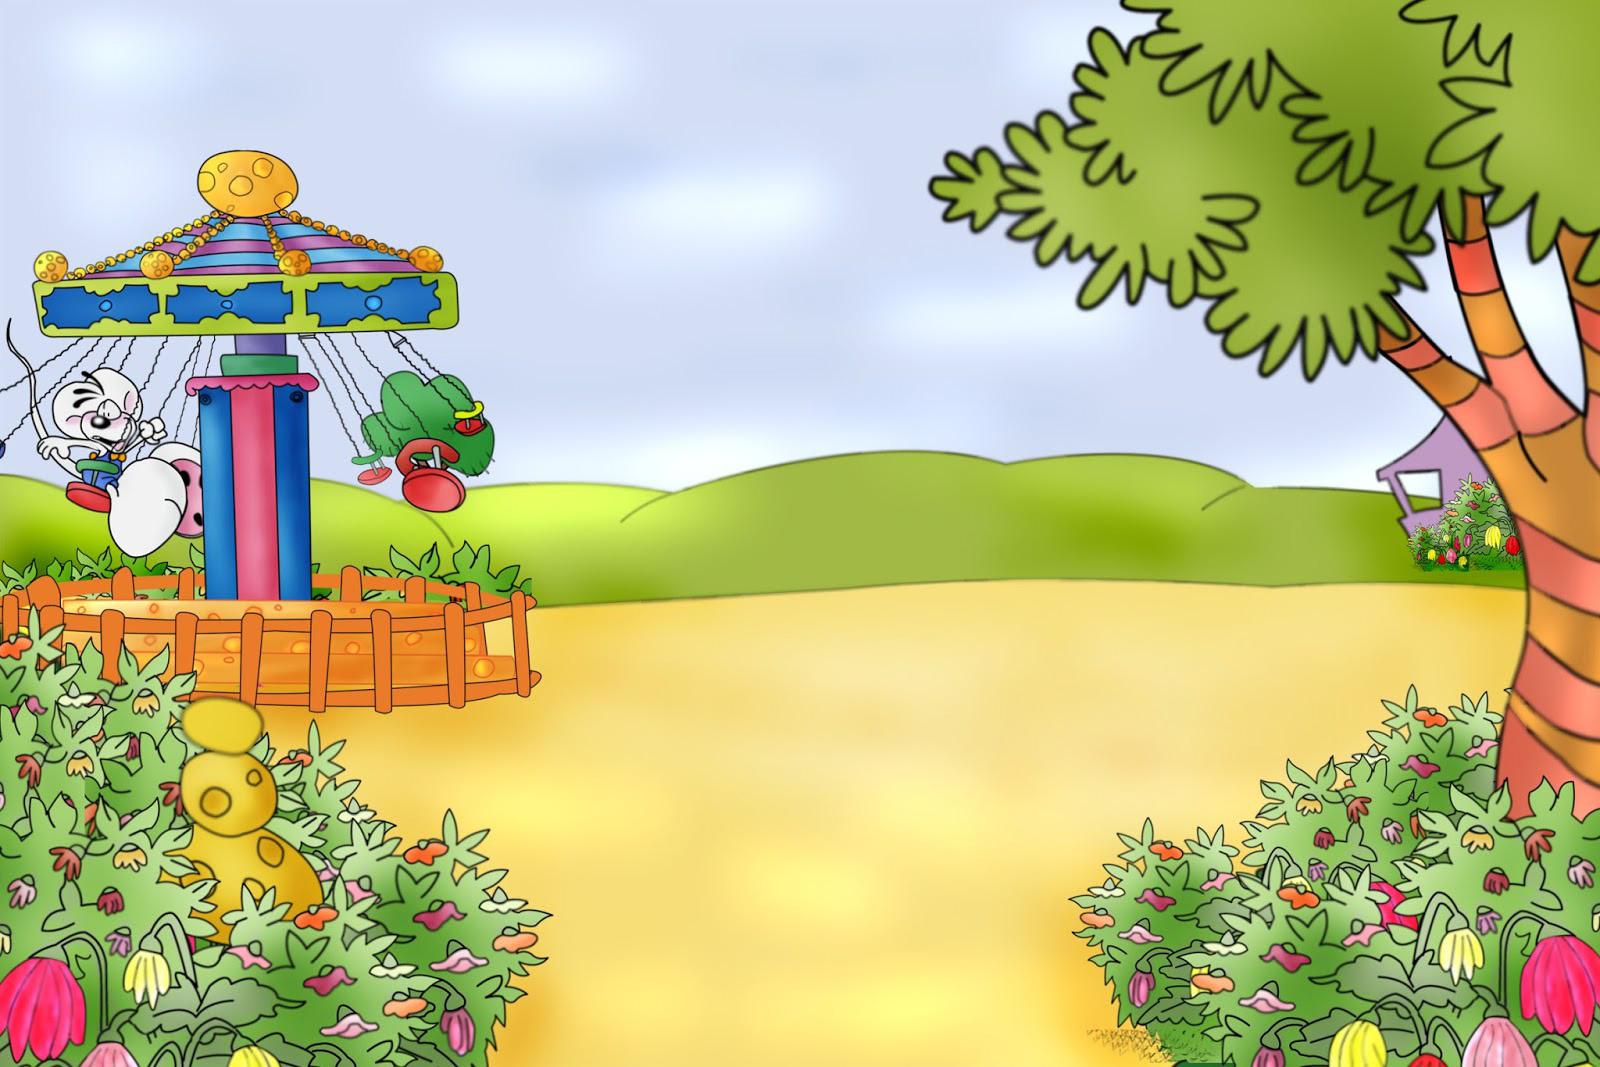 FONDOS PARA FOTOS: Caricatura de Carrusel en Parque para Nino